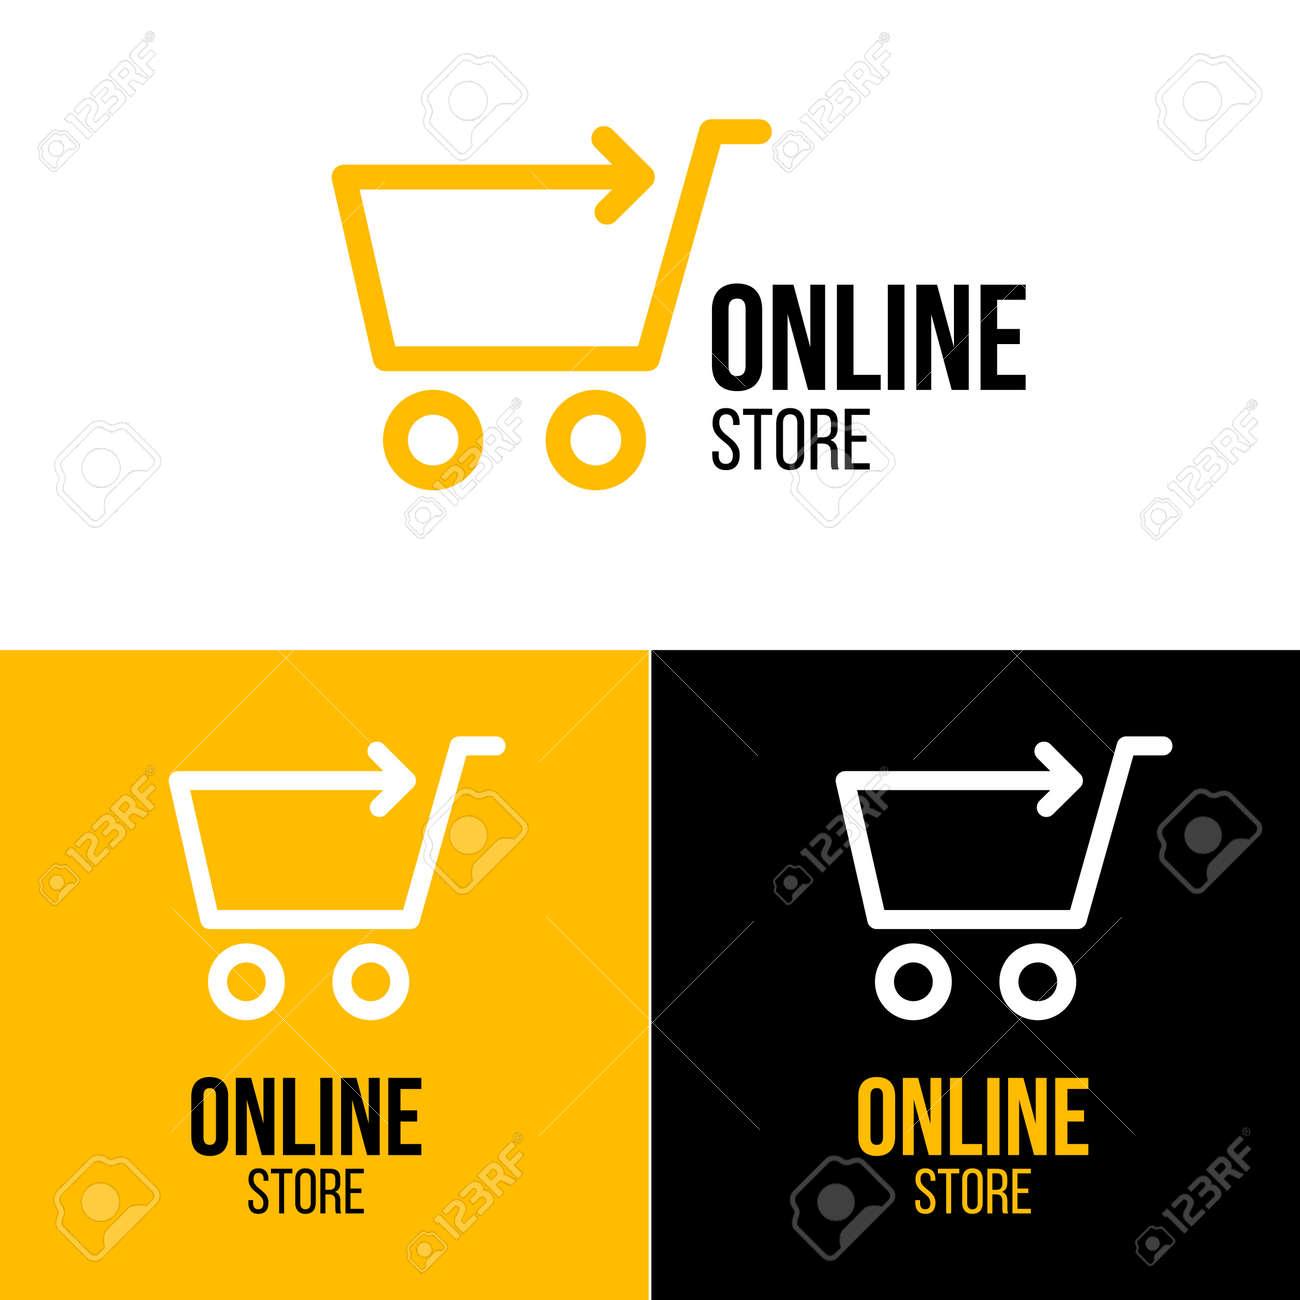 オンライン ショップ ベクトルのロゴ ビジネス ロイヤリティフリー